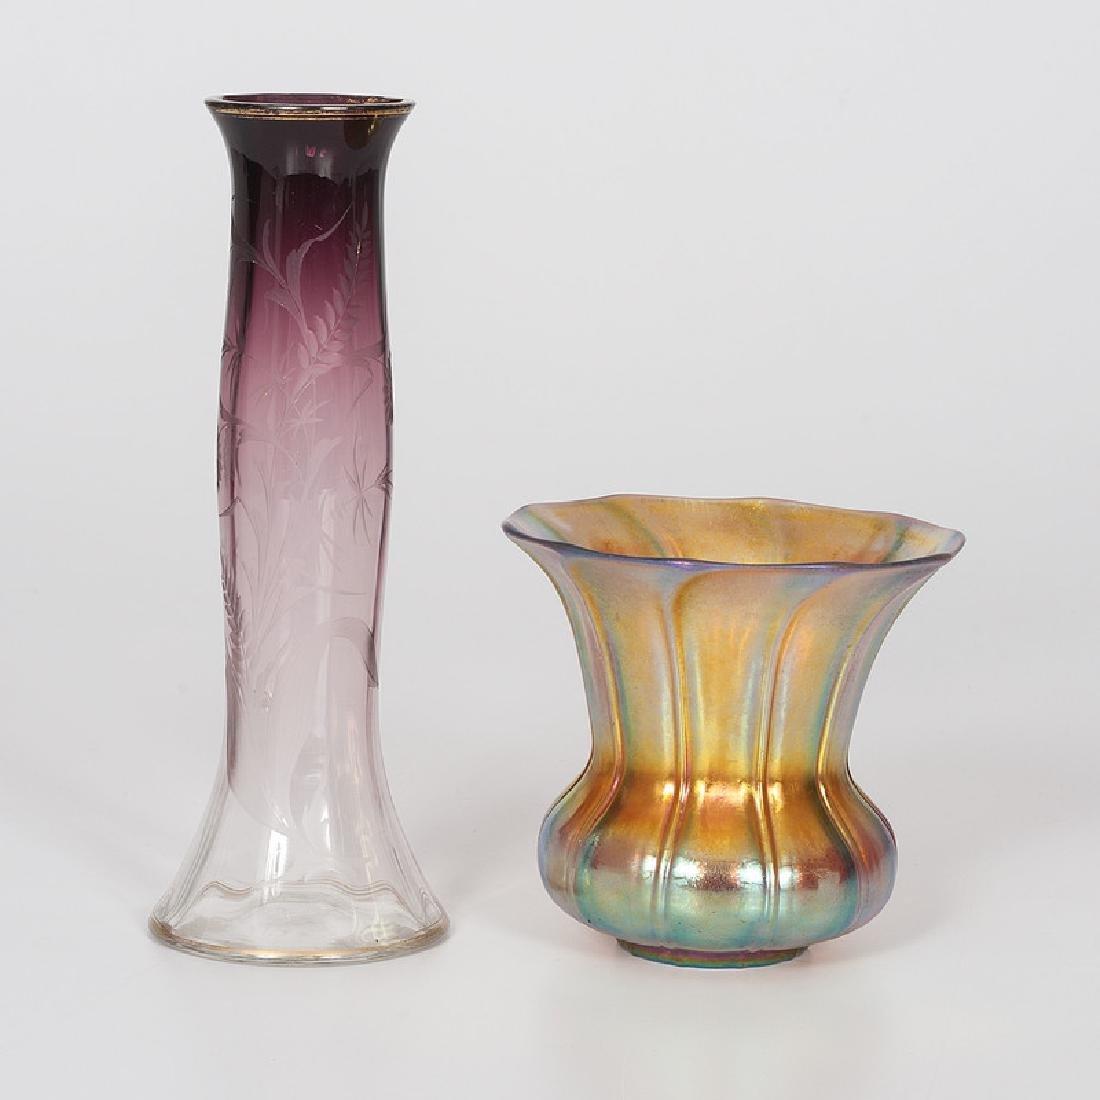 Moserand Steuben Art Glass